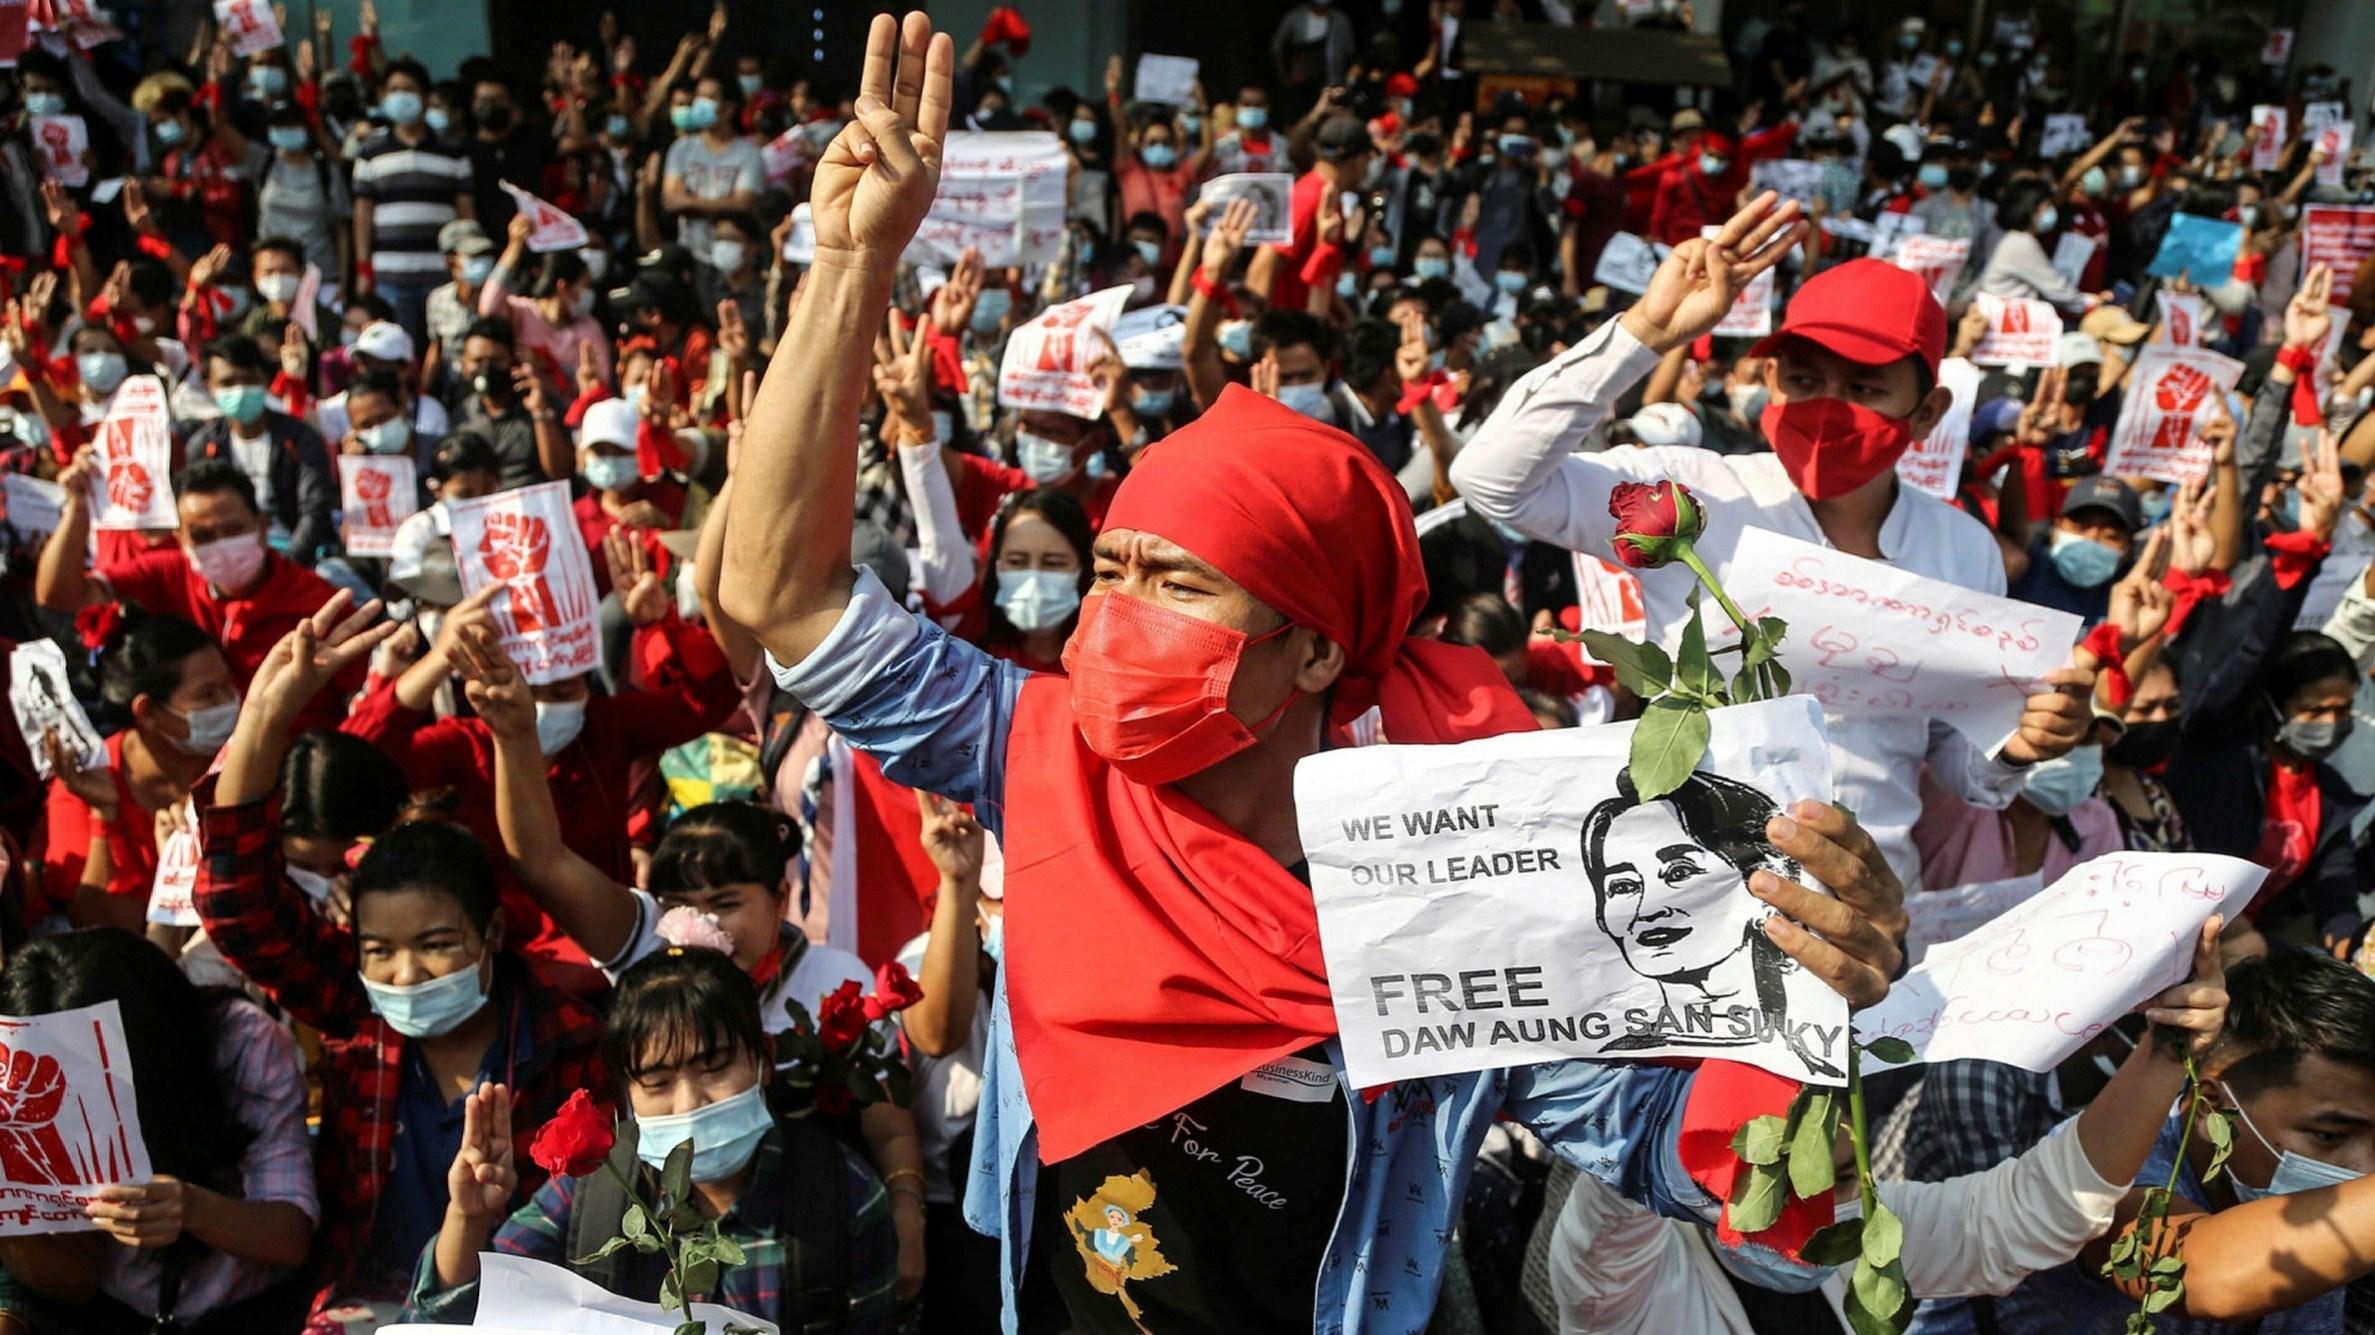 الجيش البورمي أطلق العيارات المطاطية والغاز المسيل للدموع على المتظاهرين في العاصمة ورانغون